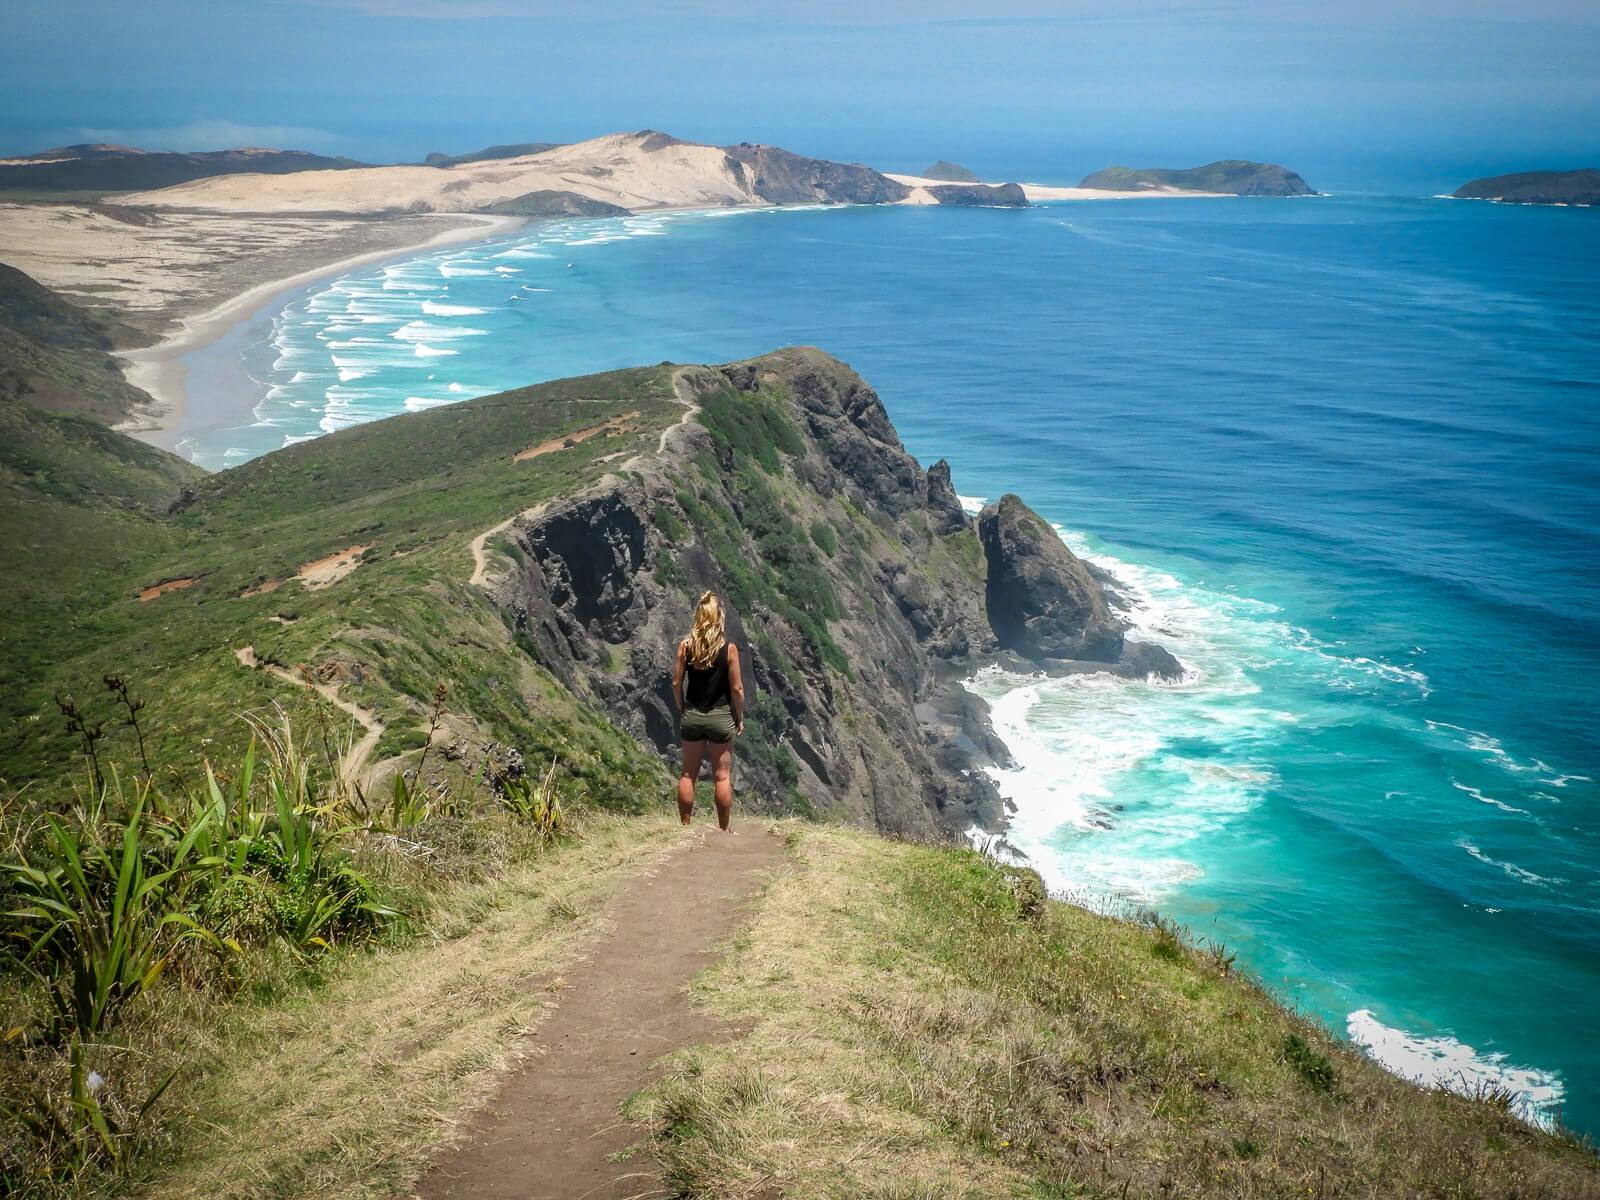 Daghikes Noordereiland Nieuw-Zeeland - Tapotupotu Bay naar Cape Reinga